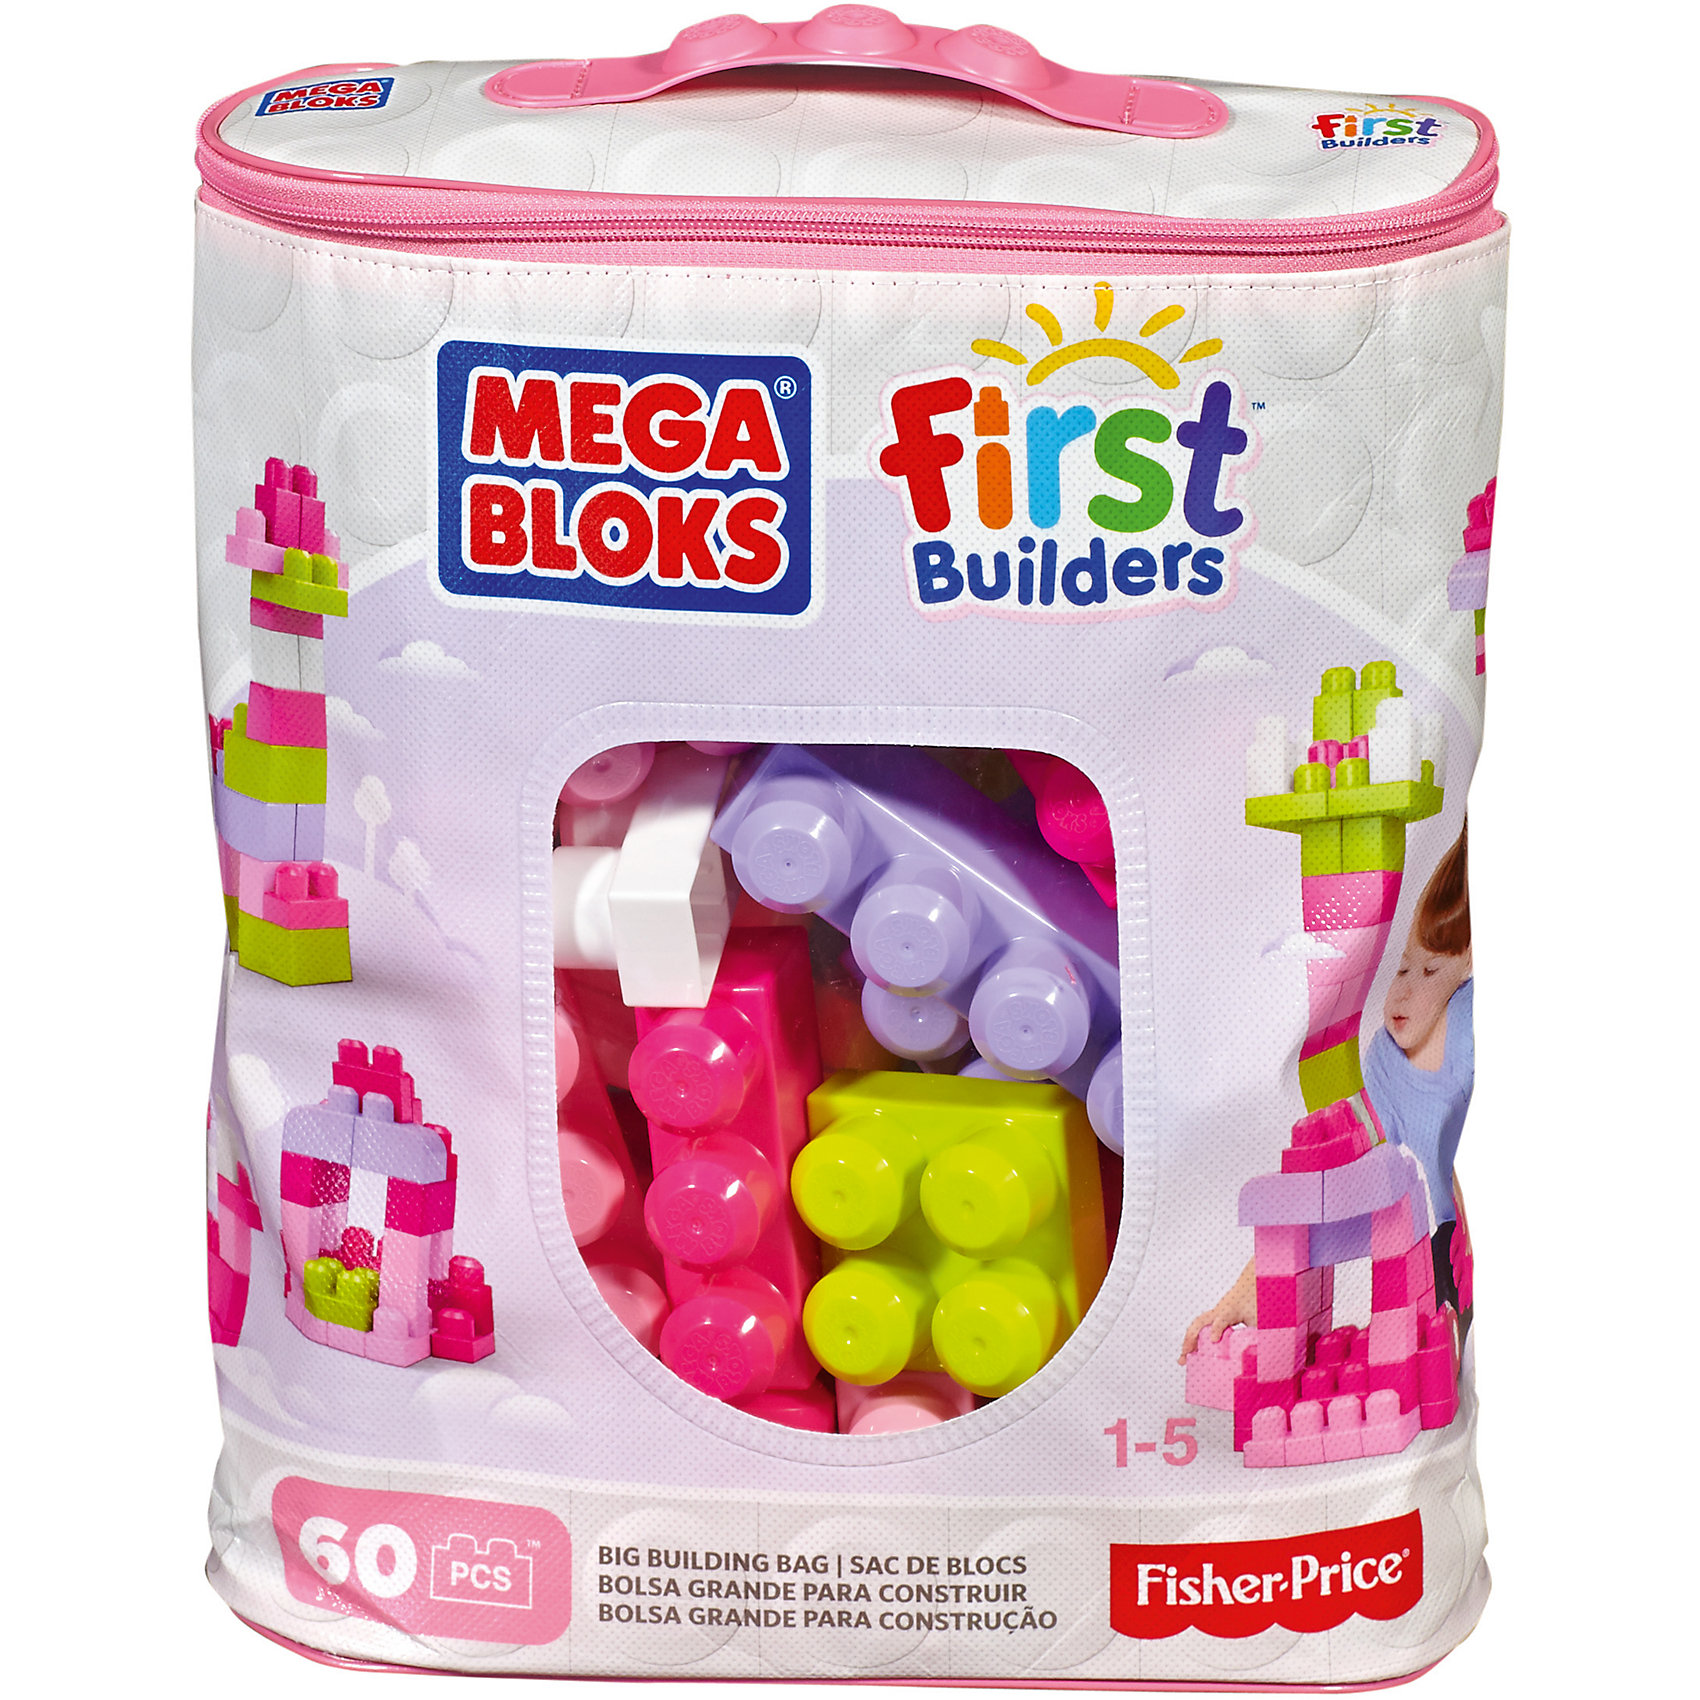 Конструктор из 60 деталей, MEGA BLOKS First BuildersИграть с конструктором - всегда весело и увлекательно! Отличный подарок ребенку - Конструктор из 60 деталей, MEGA BLOKS First Builders. Детали конструктора окрашены в яркие цвета, из них можно построить что угодно, начиная от высокого здания и заканчивая миниатюрными машинками. Все элементы имеют размер и форму, удобные для детских ручек. Конструктор совместим с наборами Mega Bloks First Builders.<br>Такие игрушки помогают развить мелкую моторику, логическое мышление и воображение ребенка. Эта игрушка выполнена из высококачественного прочного пластика, безопасного для детей.<br>  <br>Дополнительная информация:<br><br>комплектация: 60 деталей;<br>материал: пластик;<br>размер упаковки: 15 х 35 х 30 см ;<br>в комплекте - удобная сумка для хранения блоков.<br><br>Конструктор из 60 деталей, MEGA BLOKS First Builders от компании Mattel можно купить в нашем магазине.<br><br>Ширина мм: 345<br>Глубина мм: 290<br>Высота мм: 100<br>Вес г: 907<br>Возраст от месяцев: 12<br>Возраст до месяцев: 60<br>Пол: Унисекс<br>Возраст: Детский<br>SKU: 4791139